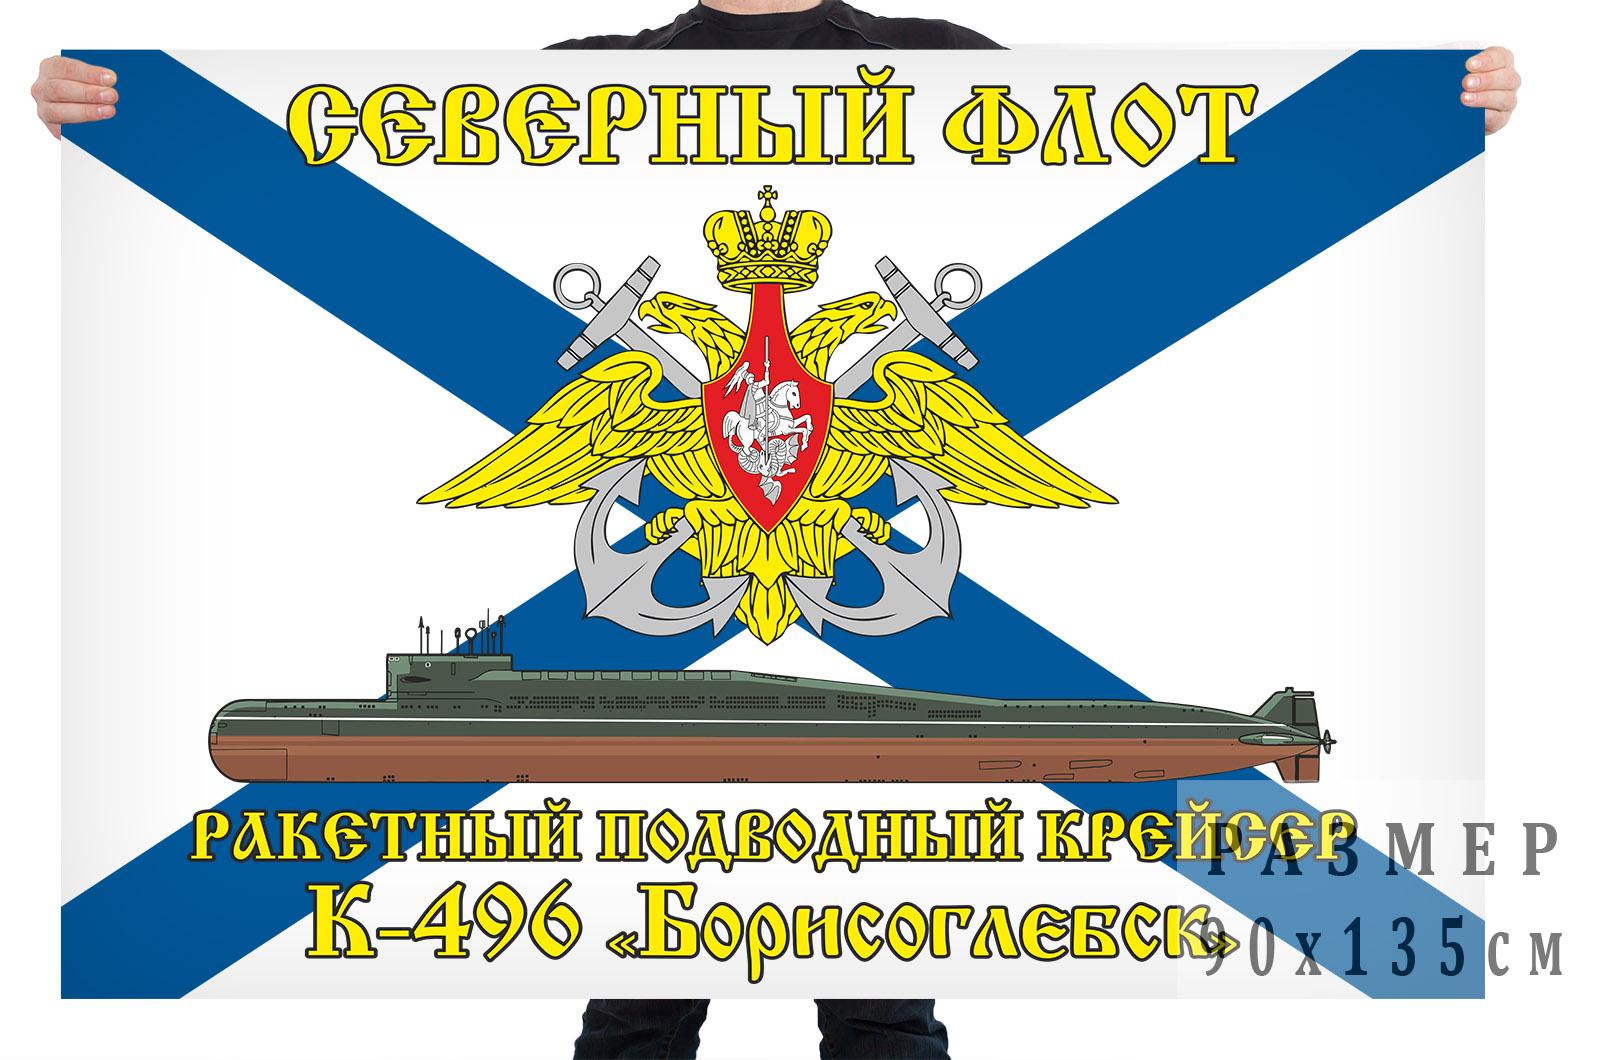 Флаг ракетного подводного крейсера К 496 Борисоглебск